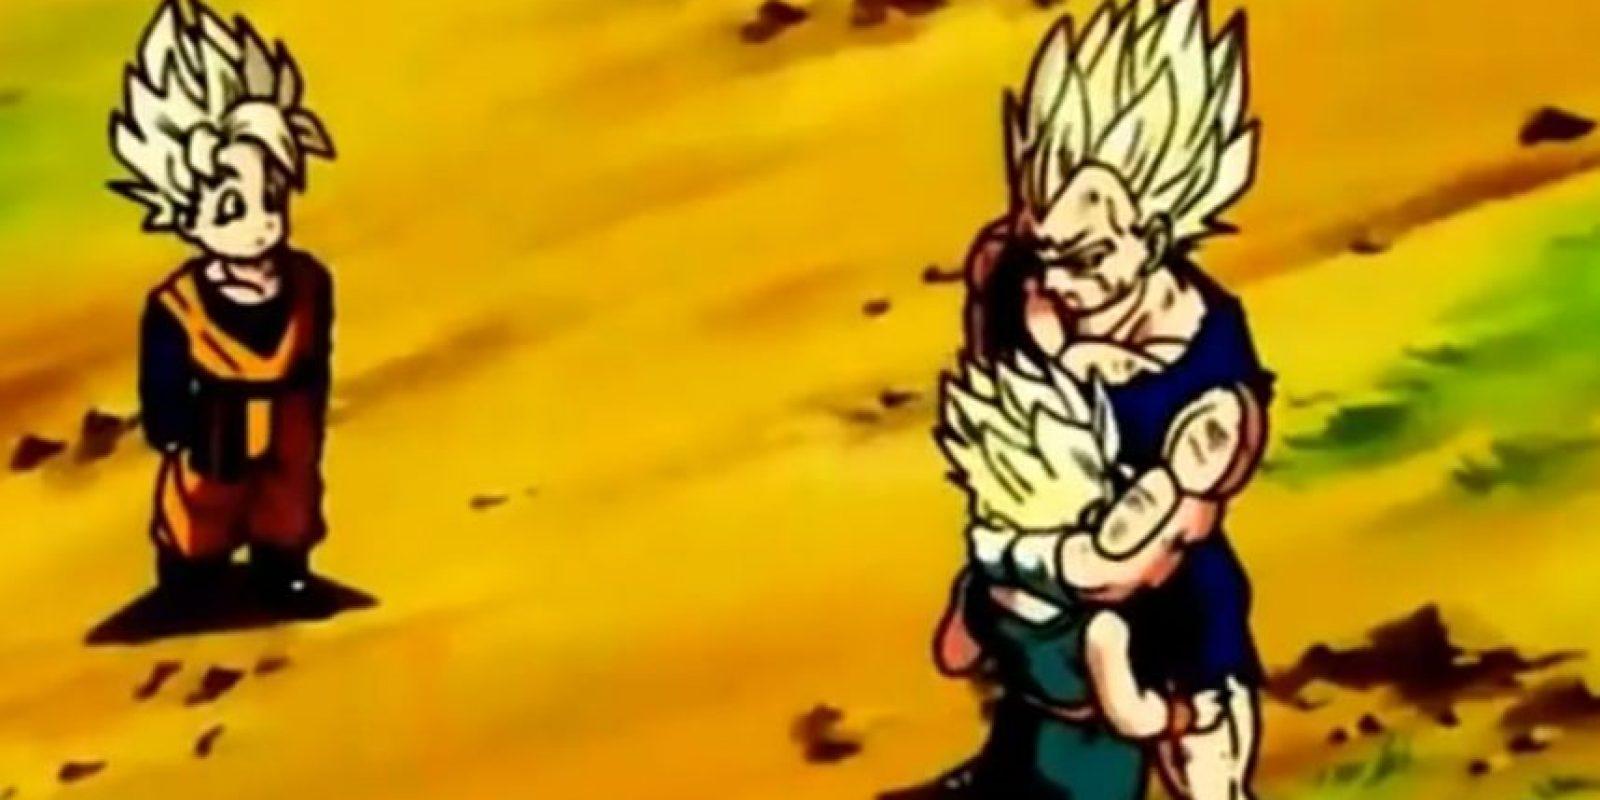 Le pide a su hijo un abrazo. Foto:Toei